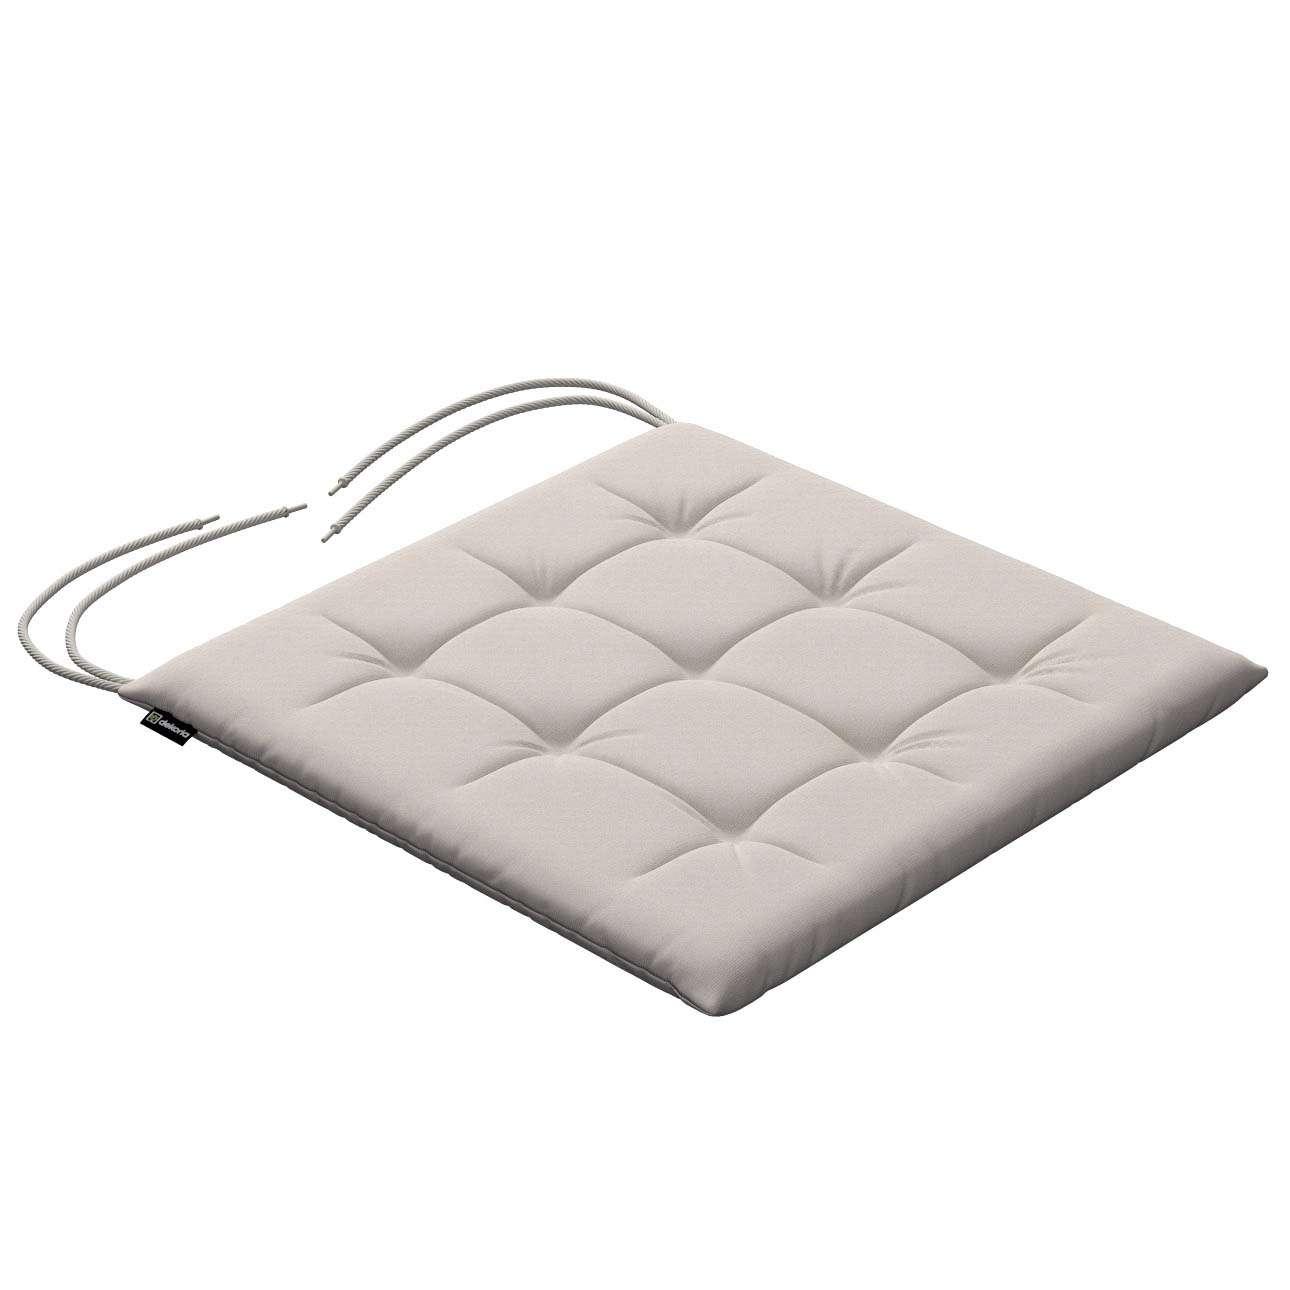 Siedzisko Karol na krzesło 40x40x3,5cm w kolekcji Cotton Panama, tkanina: 702-31